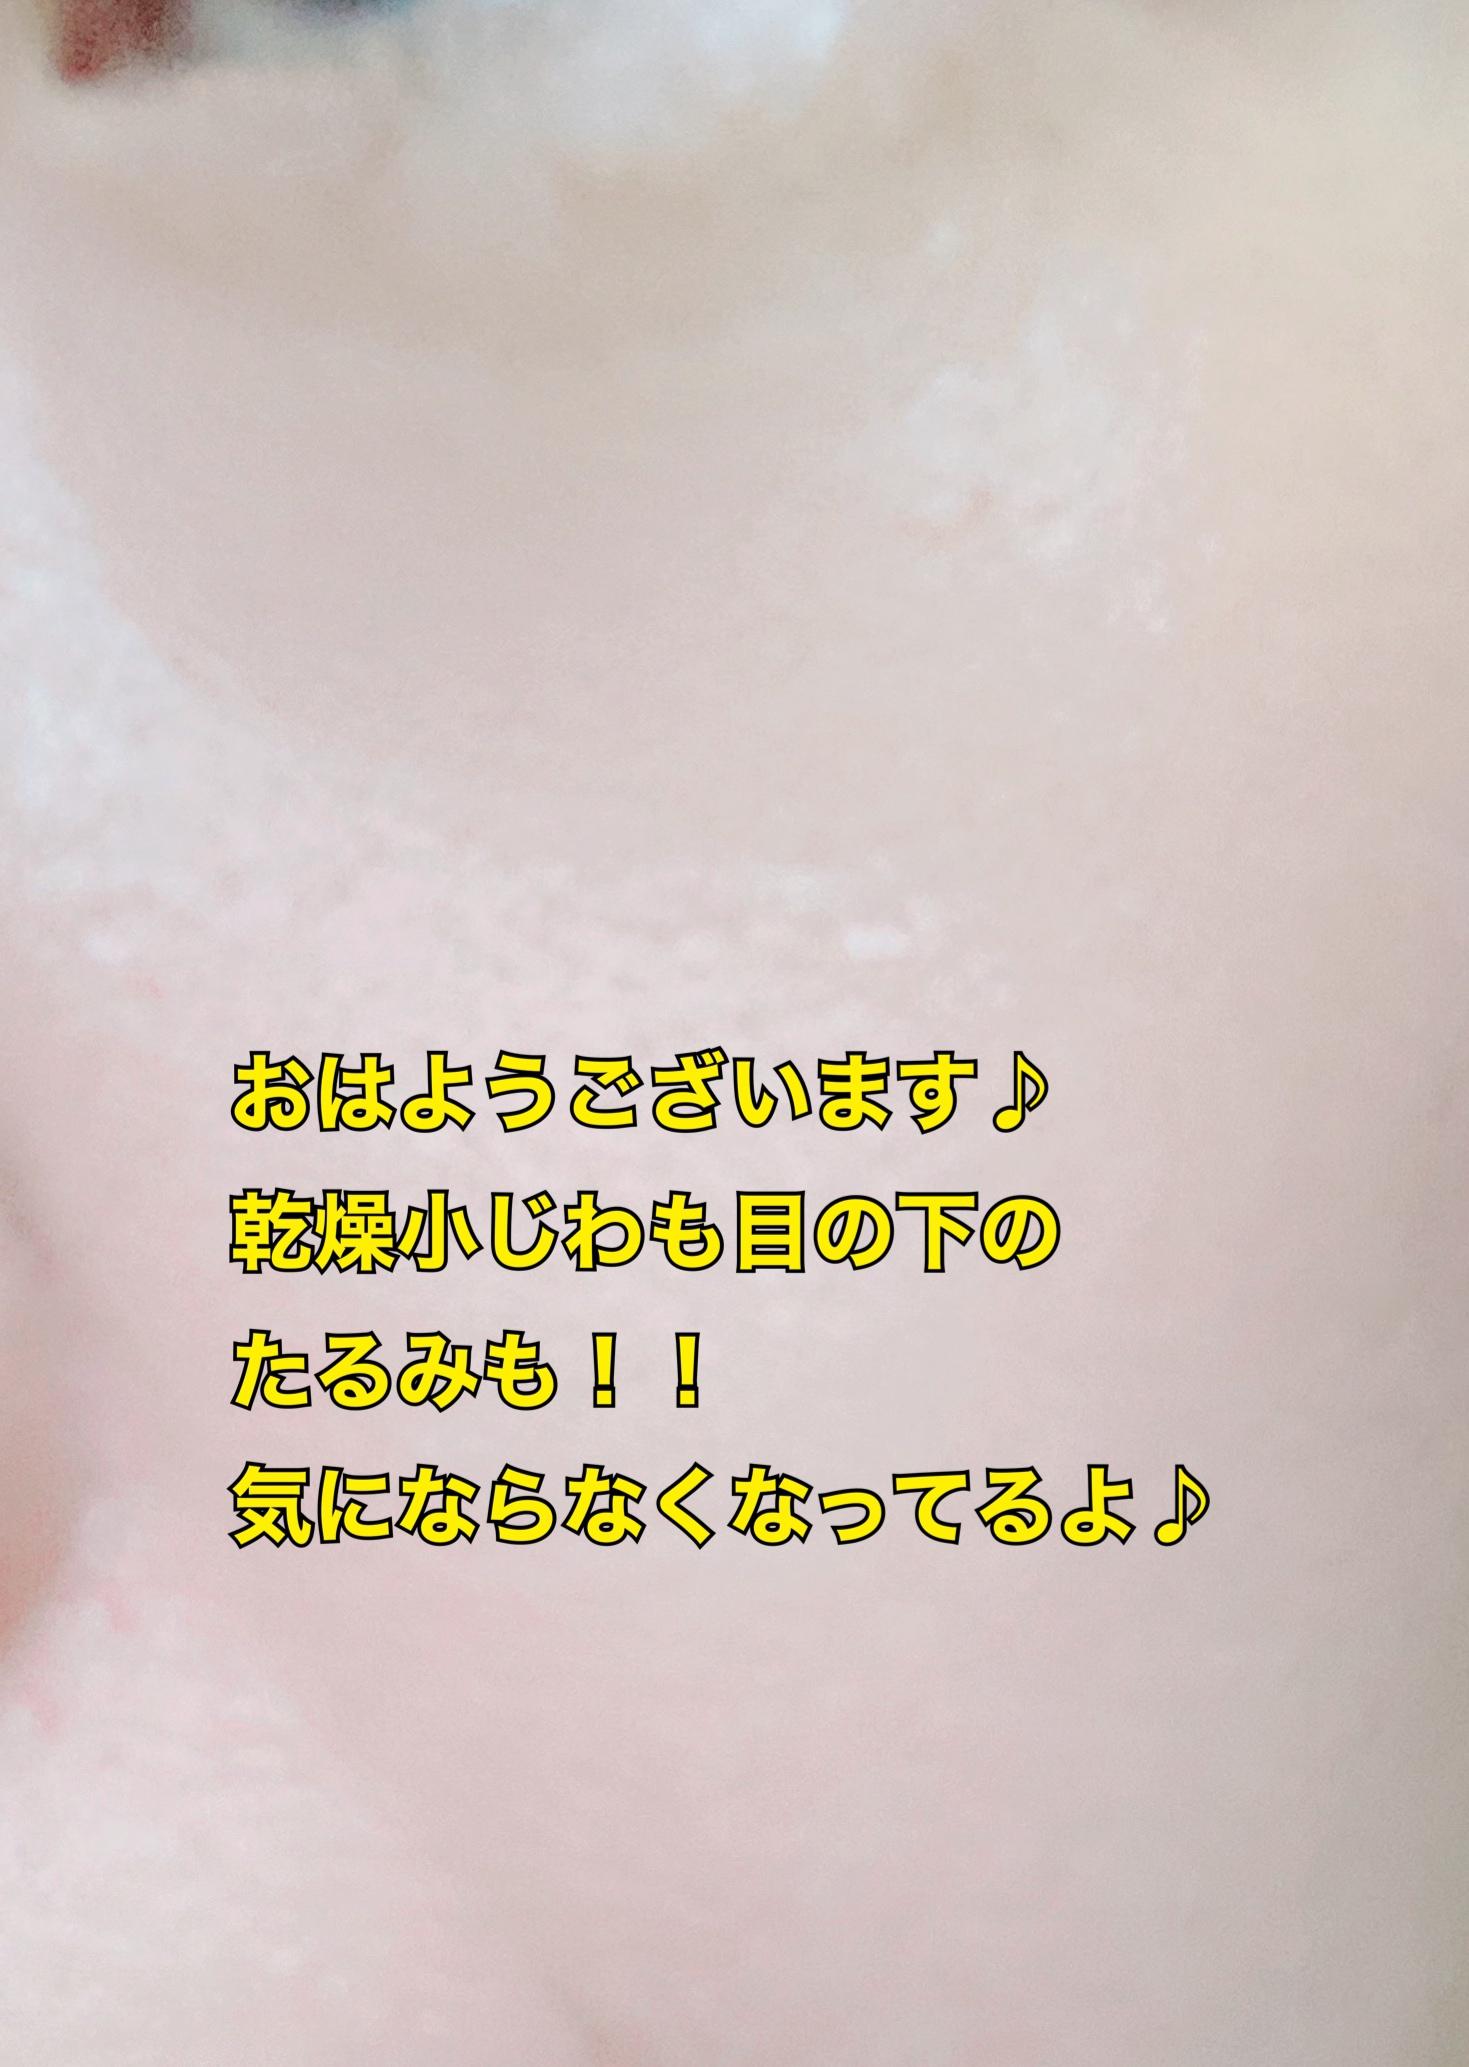 ∴M4(エムフォー) ダイレクトセンサーパッチの良い点・メリットに関するfumiさんの口コミ画像3